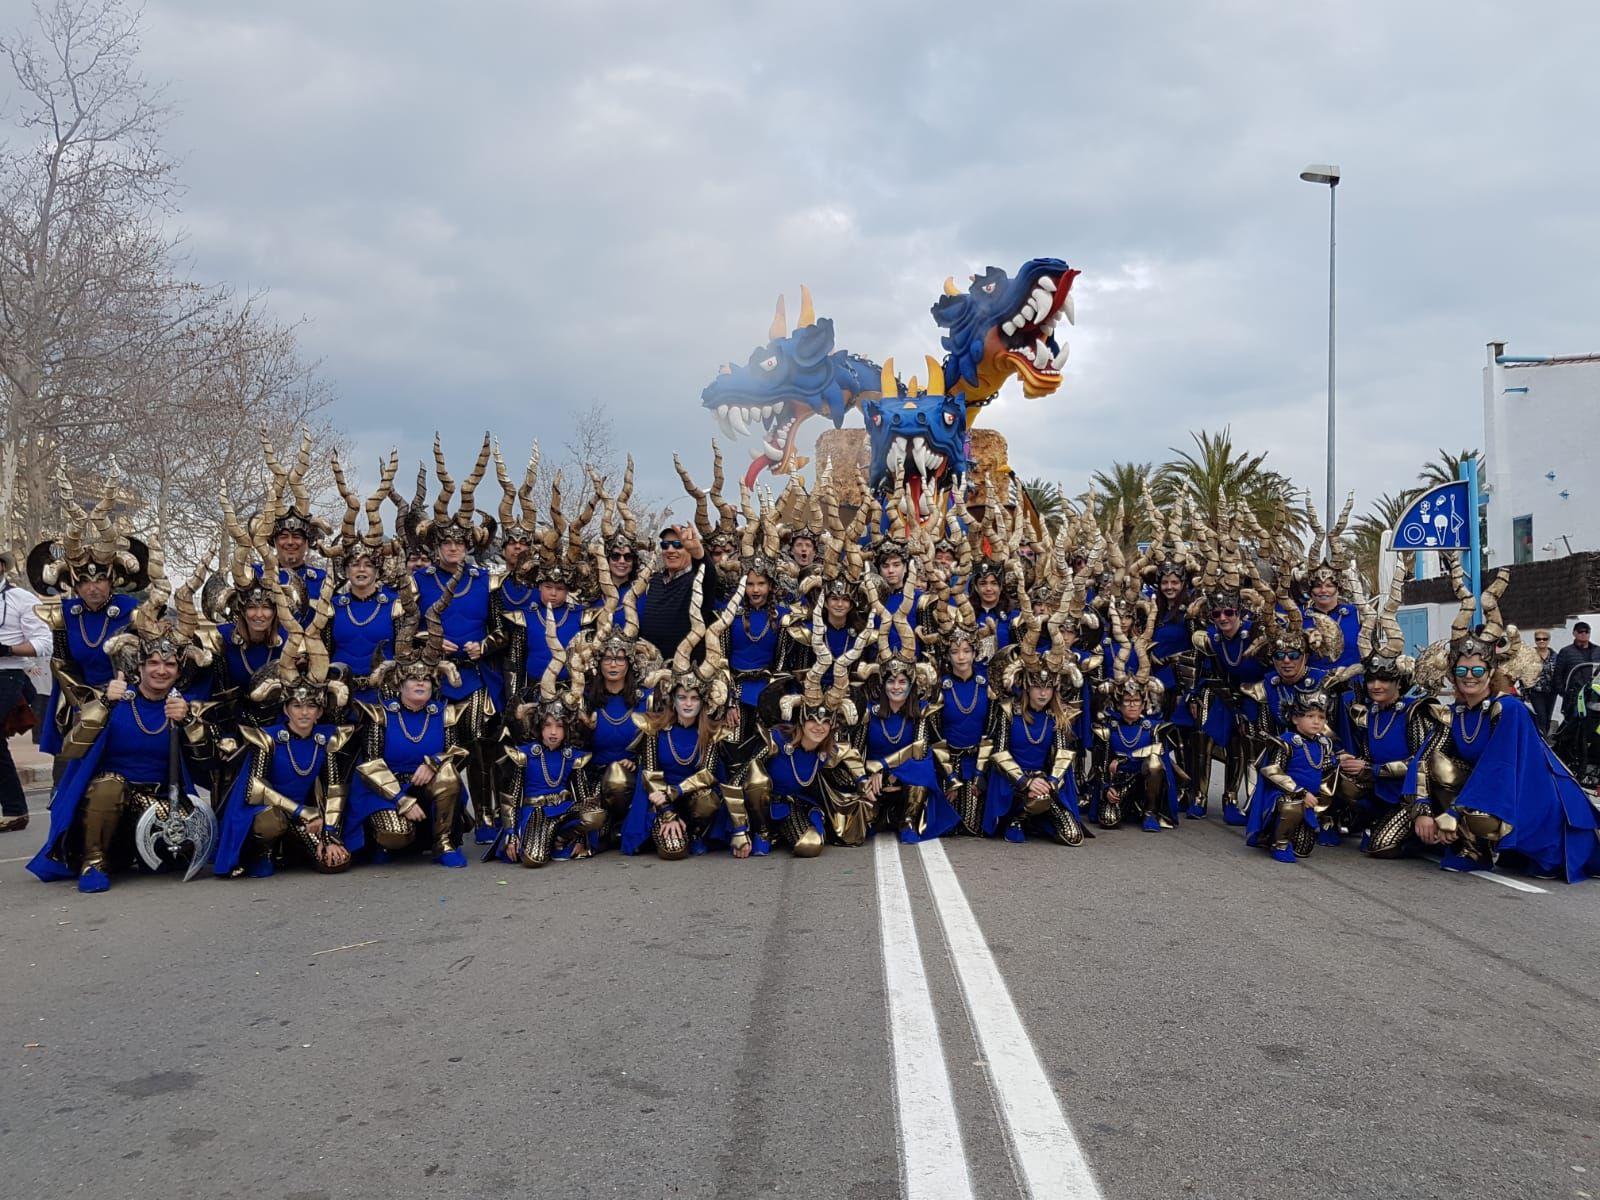 La Colla del Tech aconsegueix el segon premi a la millor carrossa al Carnaval de Platja d'Aro